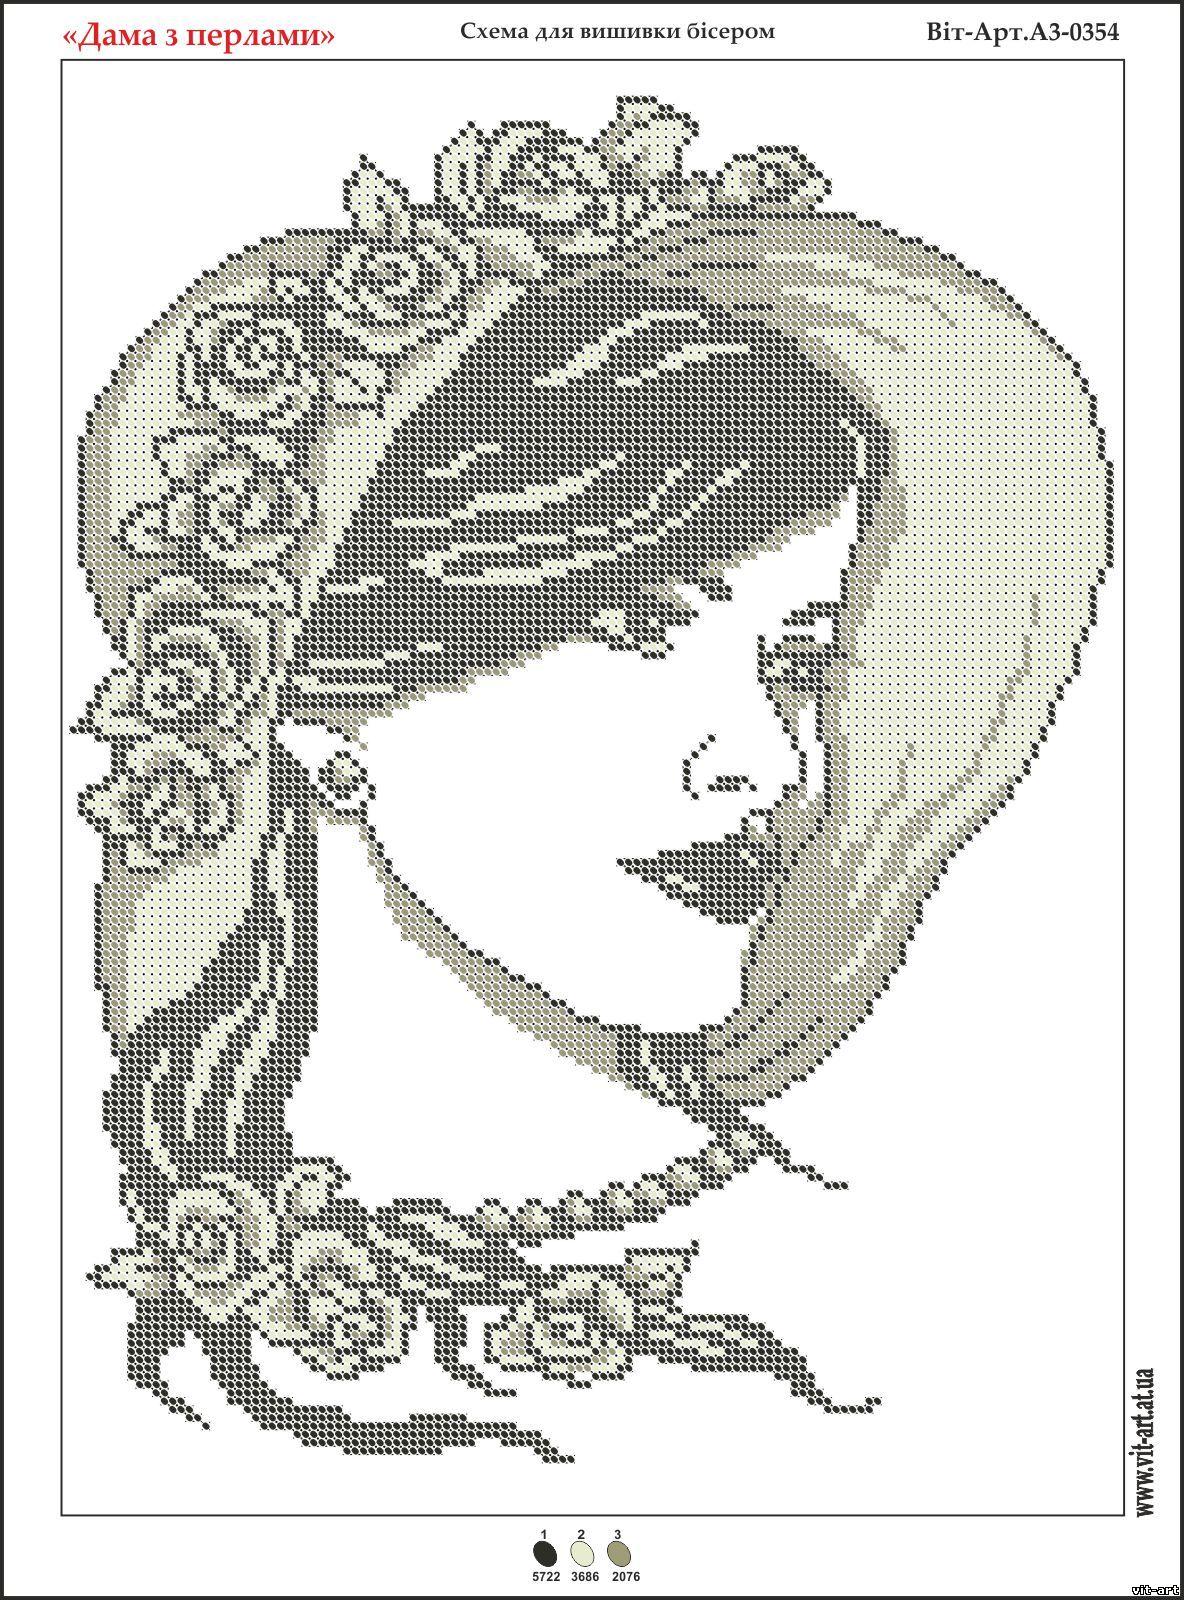 Вышивки схемы дама в шляпе монохром 29